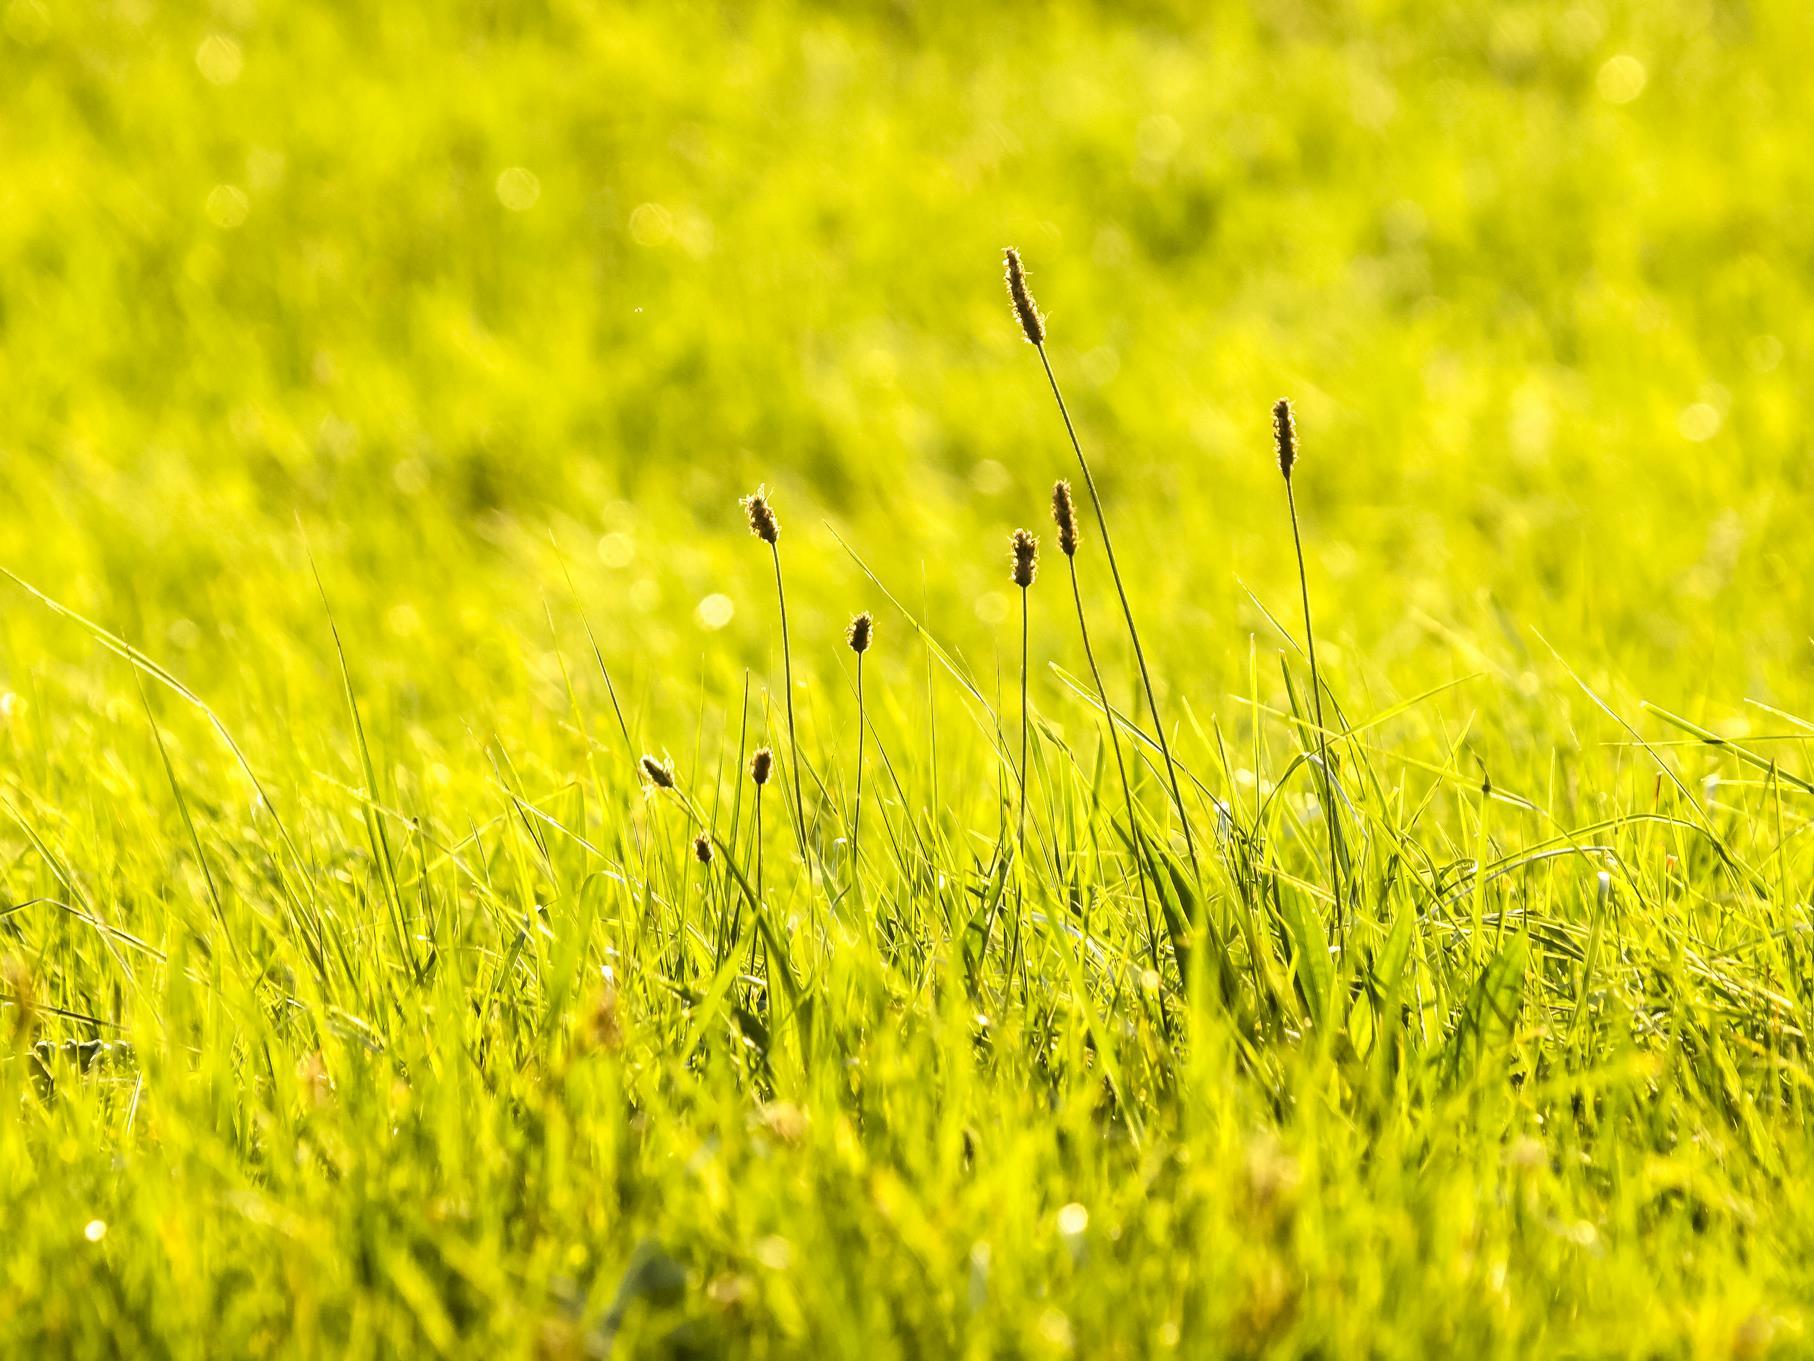 Der Spitzwegerich hebt sich vom leuchtend grünen Gras ab.